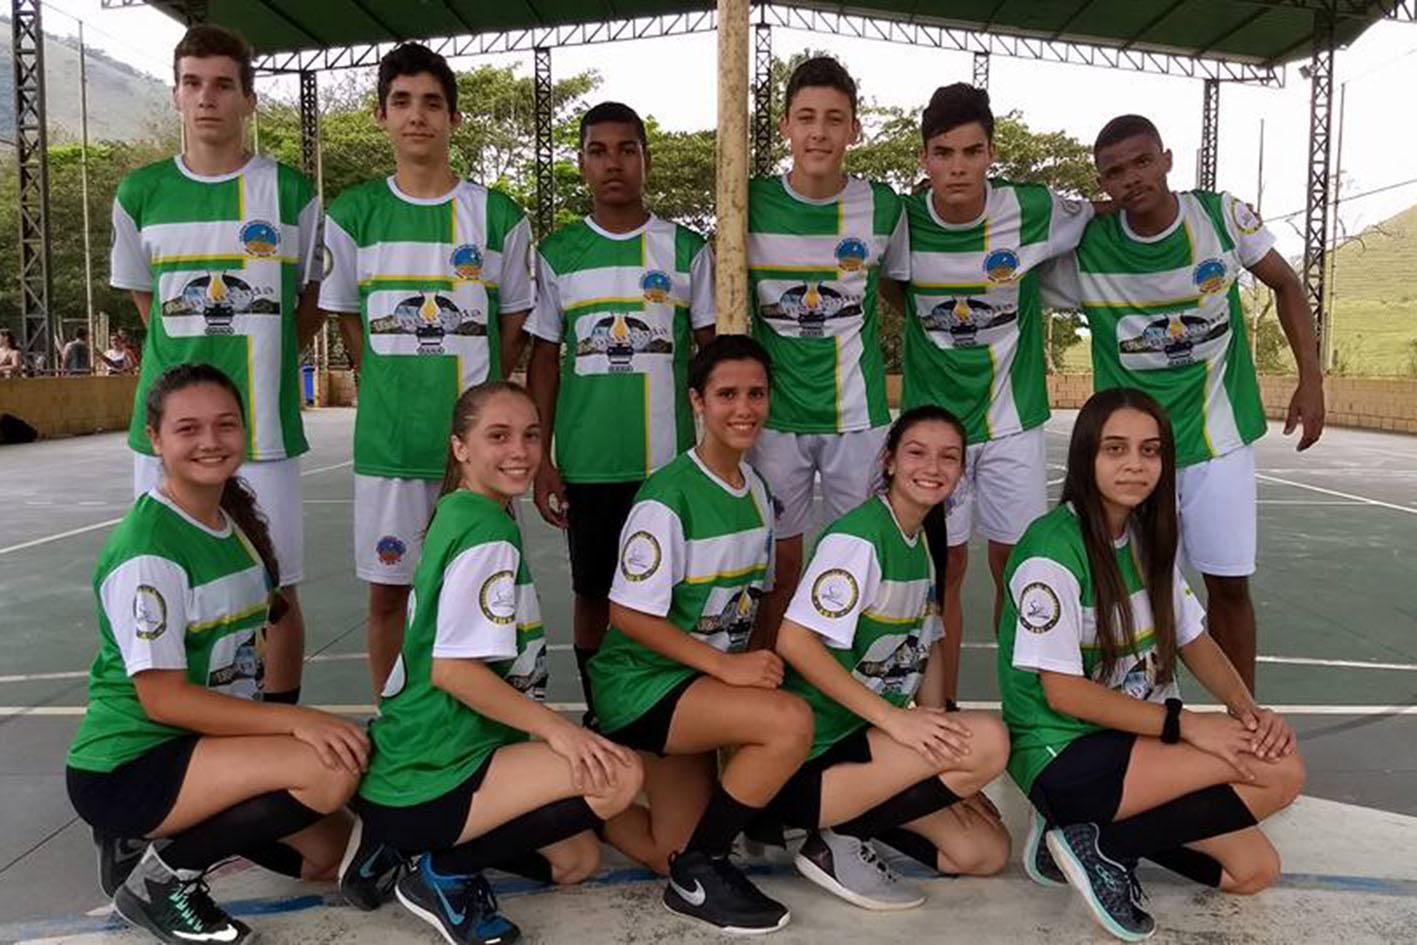 Equipe do Sana conquista o título Campeonato Estadual de Corfebol, disputado no fim de semana